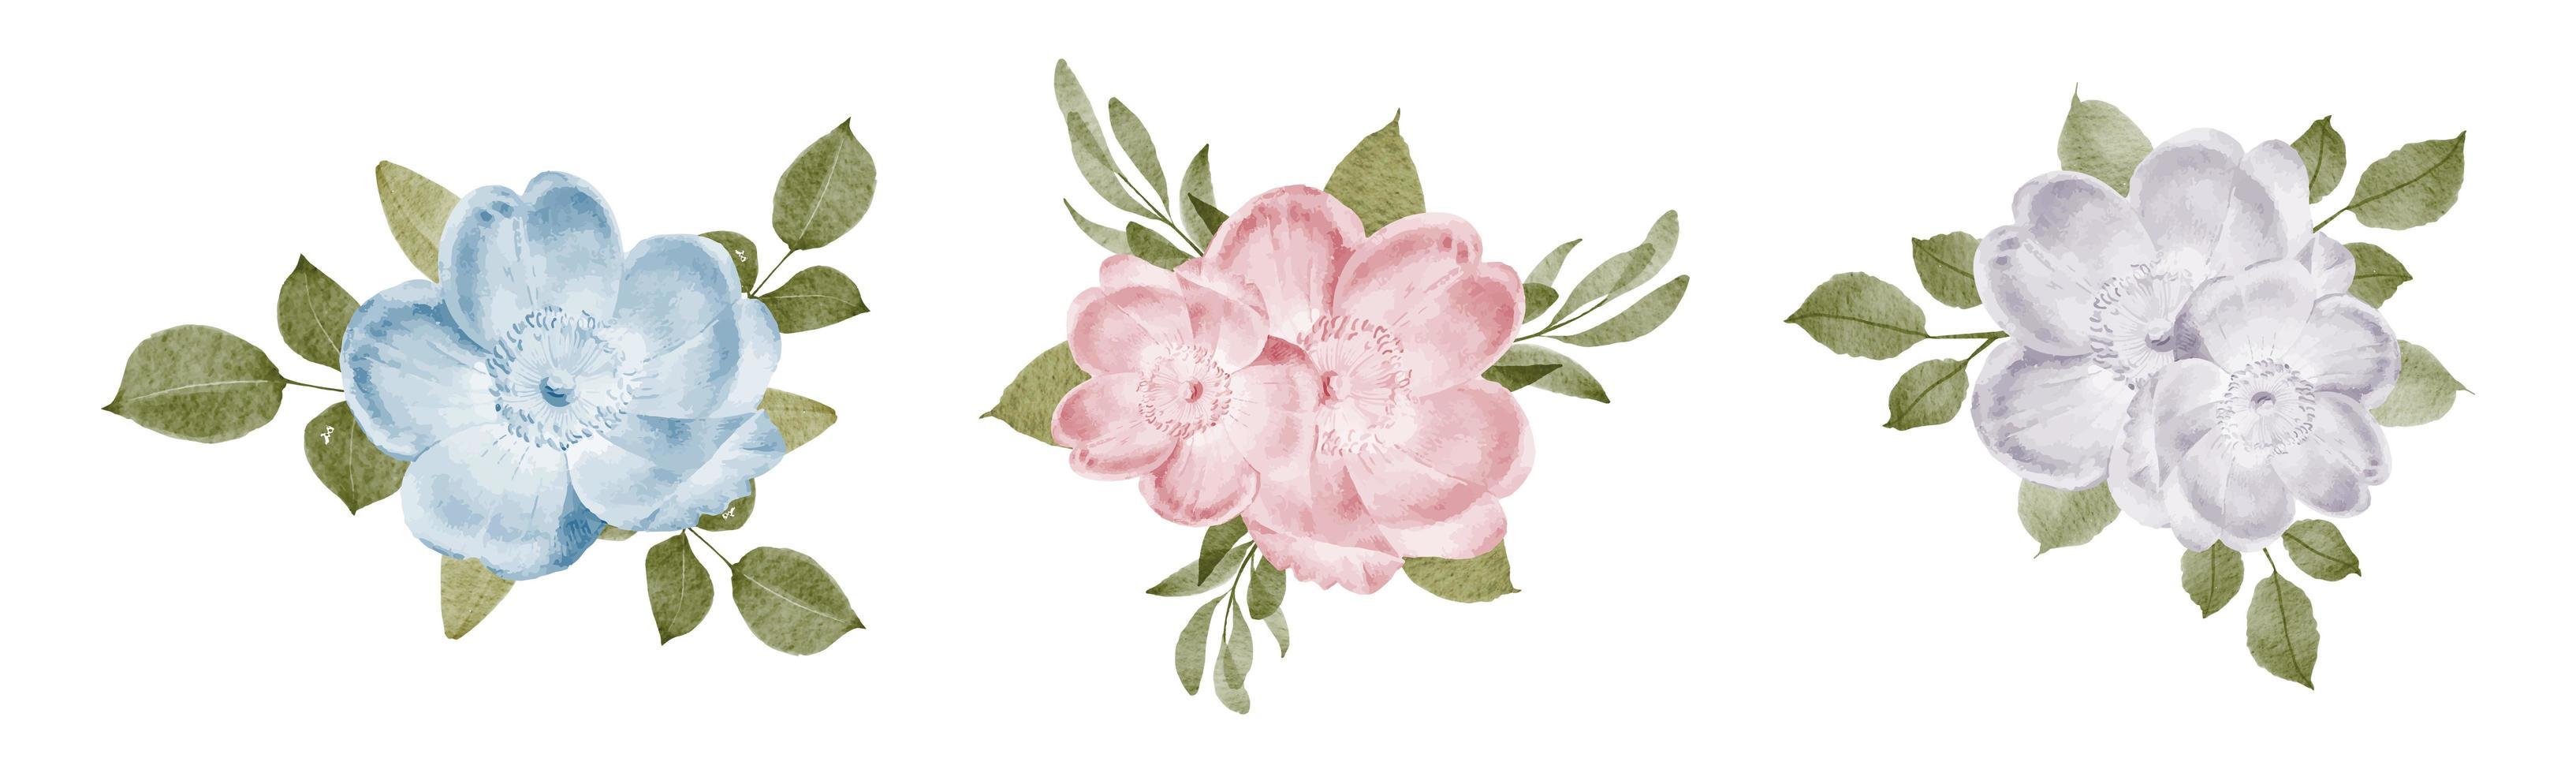 bloemboeket set vector